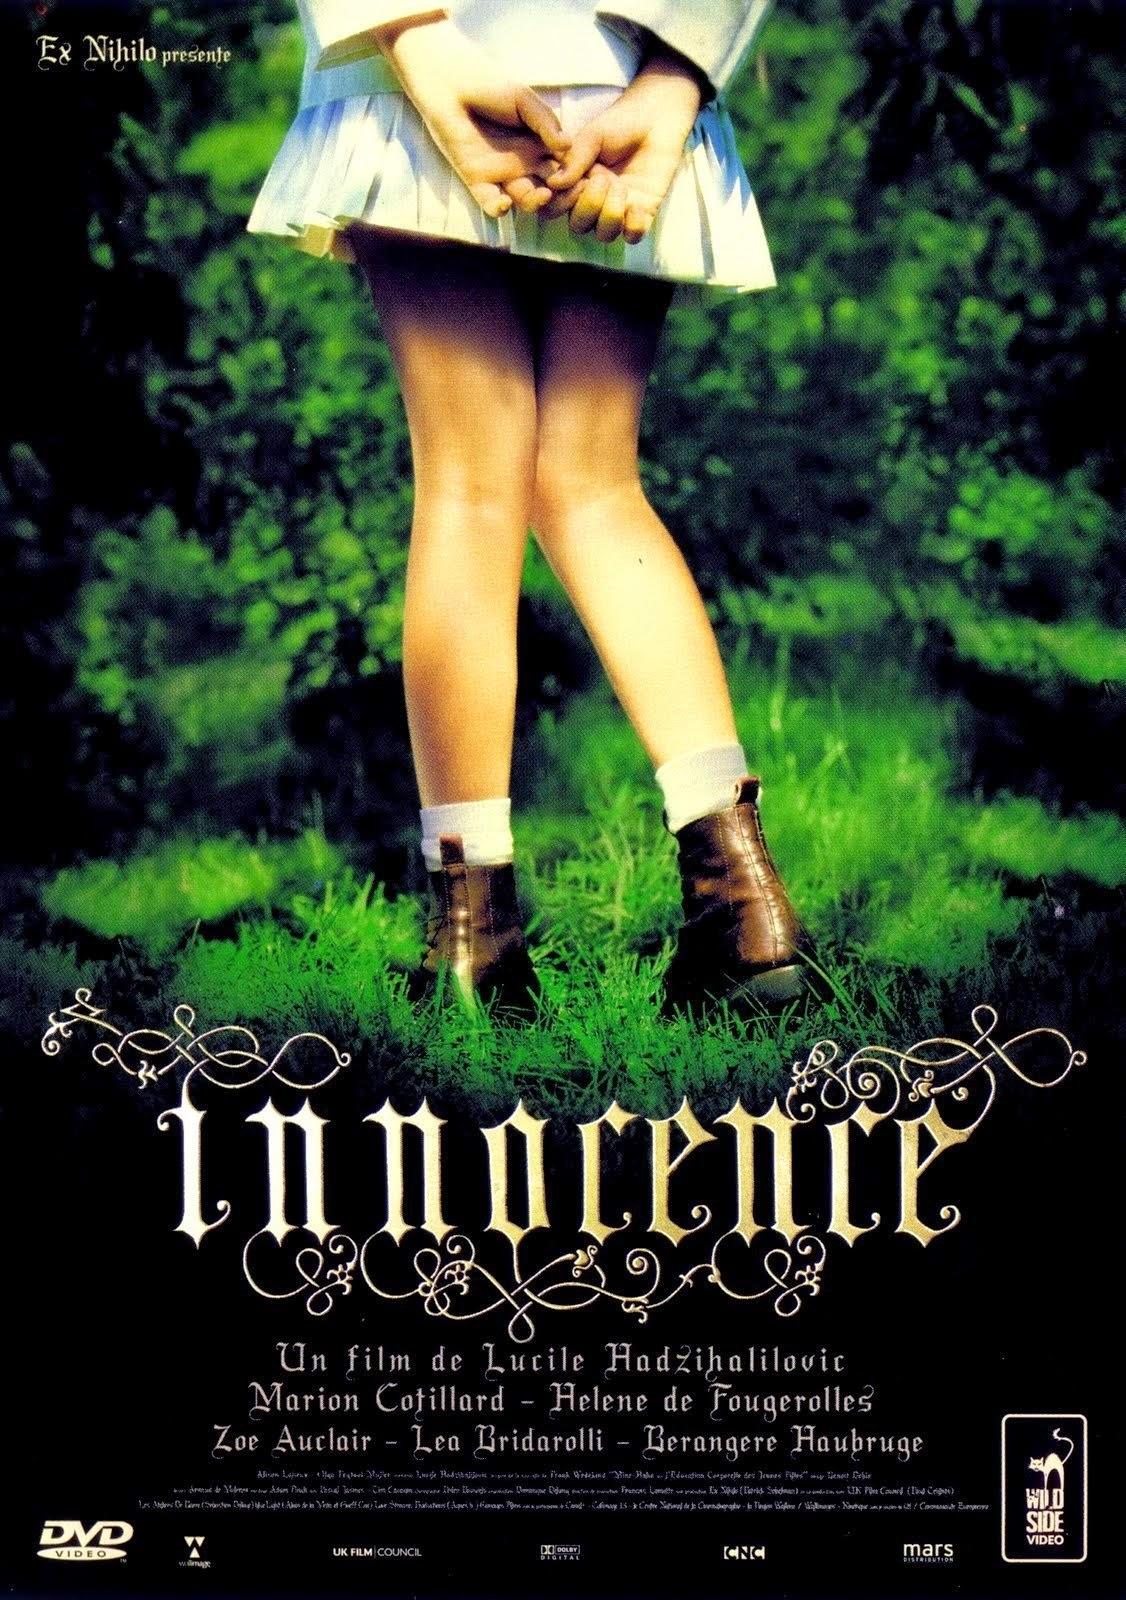 Innocence movie nice movie Poster